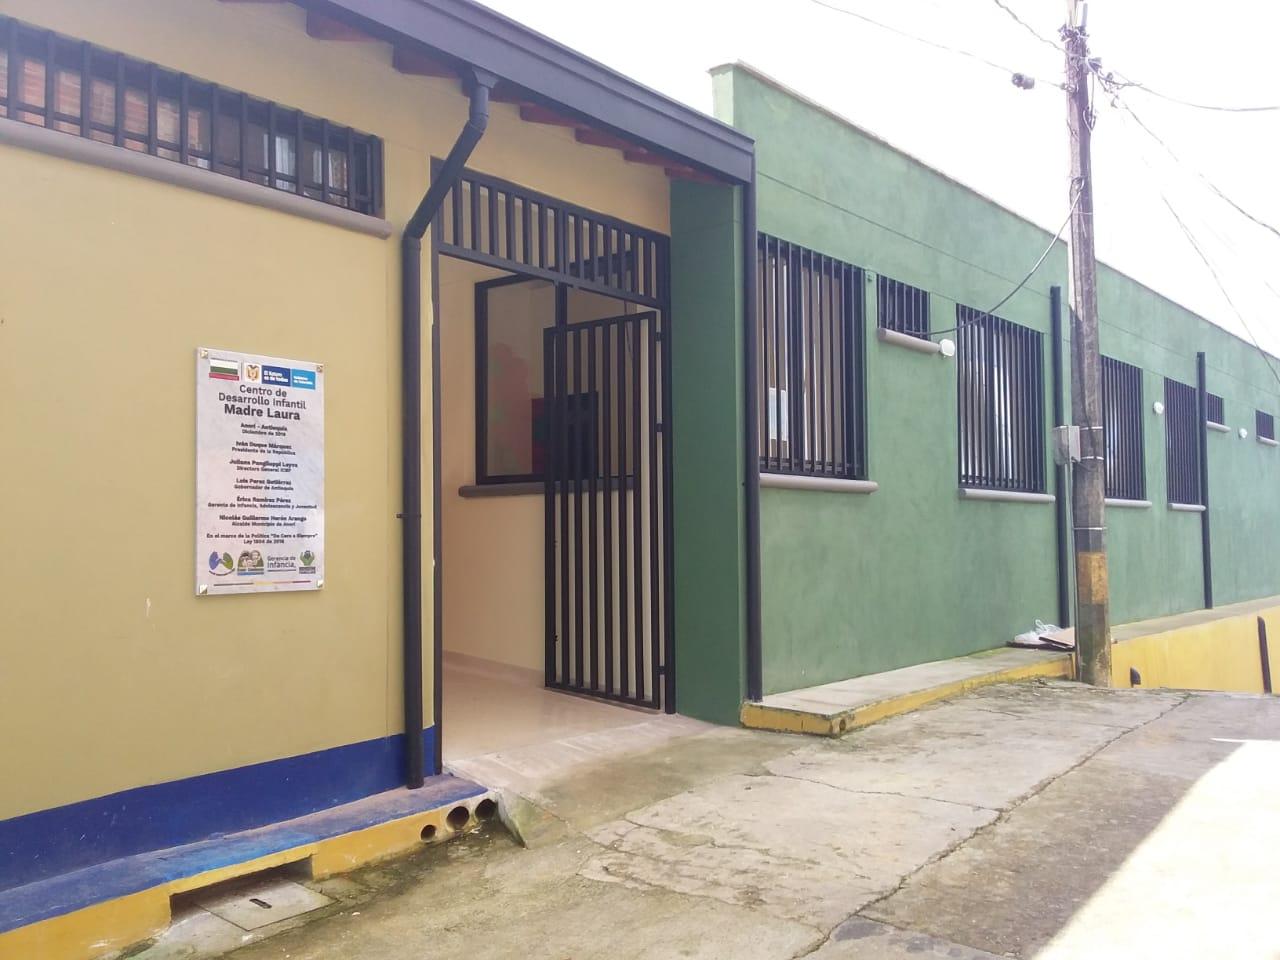 El nuevo Centro de Desarrollo Infantil Madre Laura  abre sus puertas en Anorí